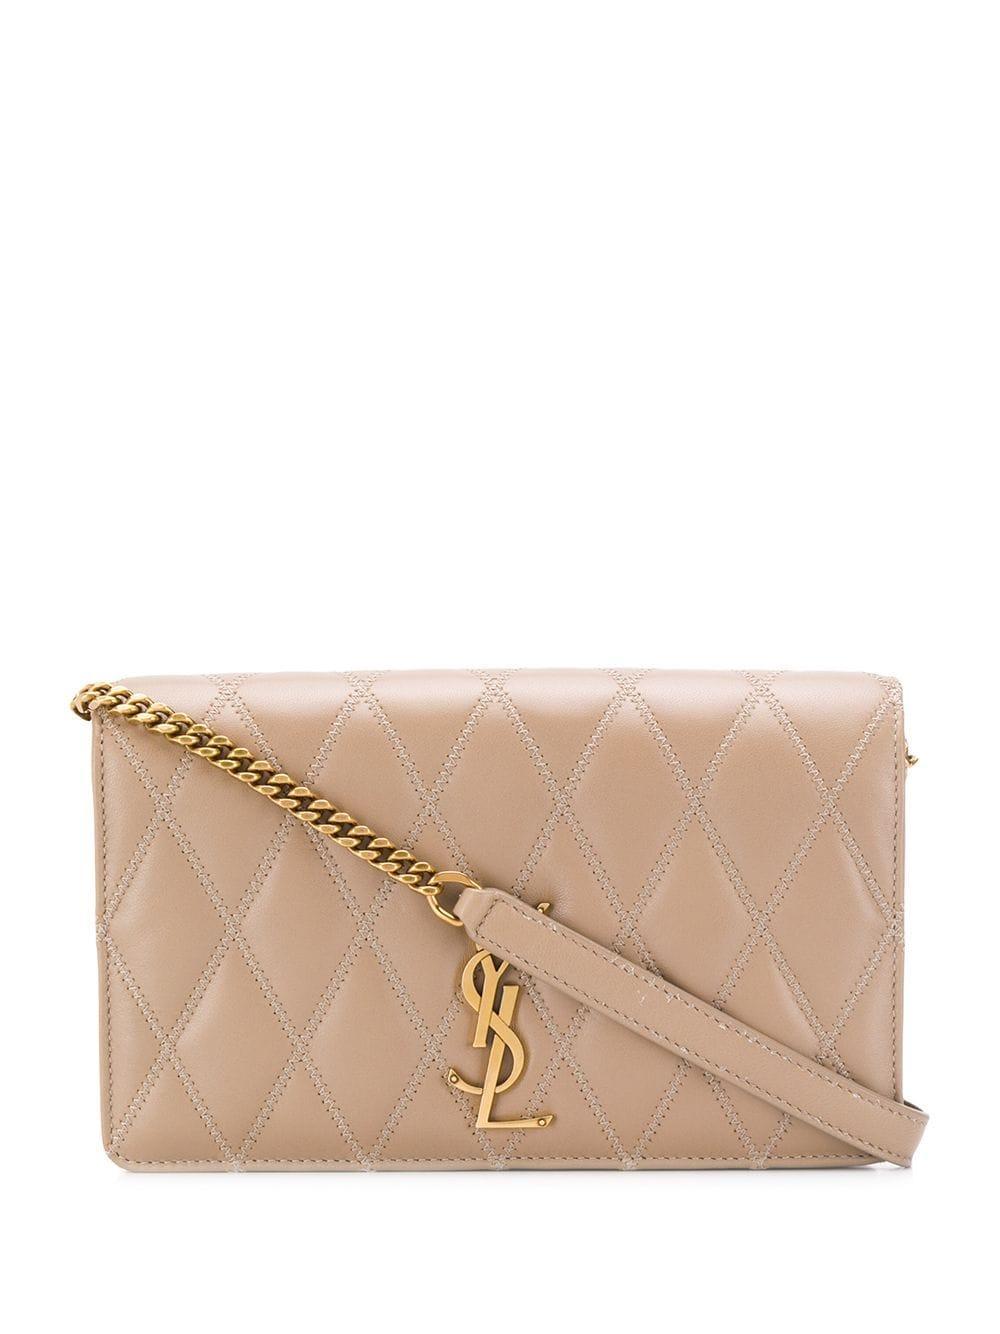 Angie Patch Zig Zag Crossbody Bag Item # 56890603UD7-PF19